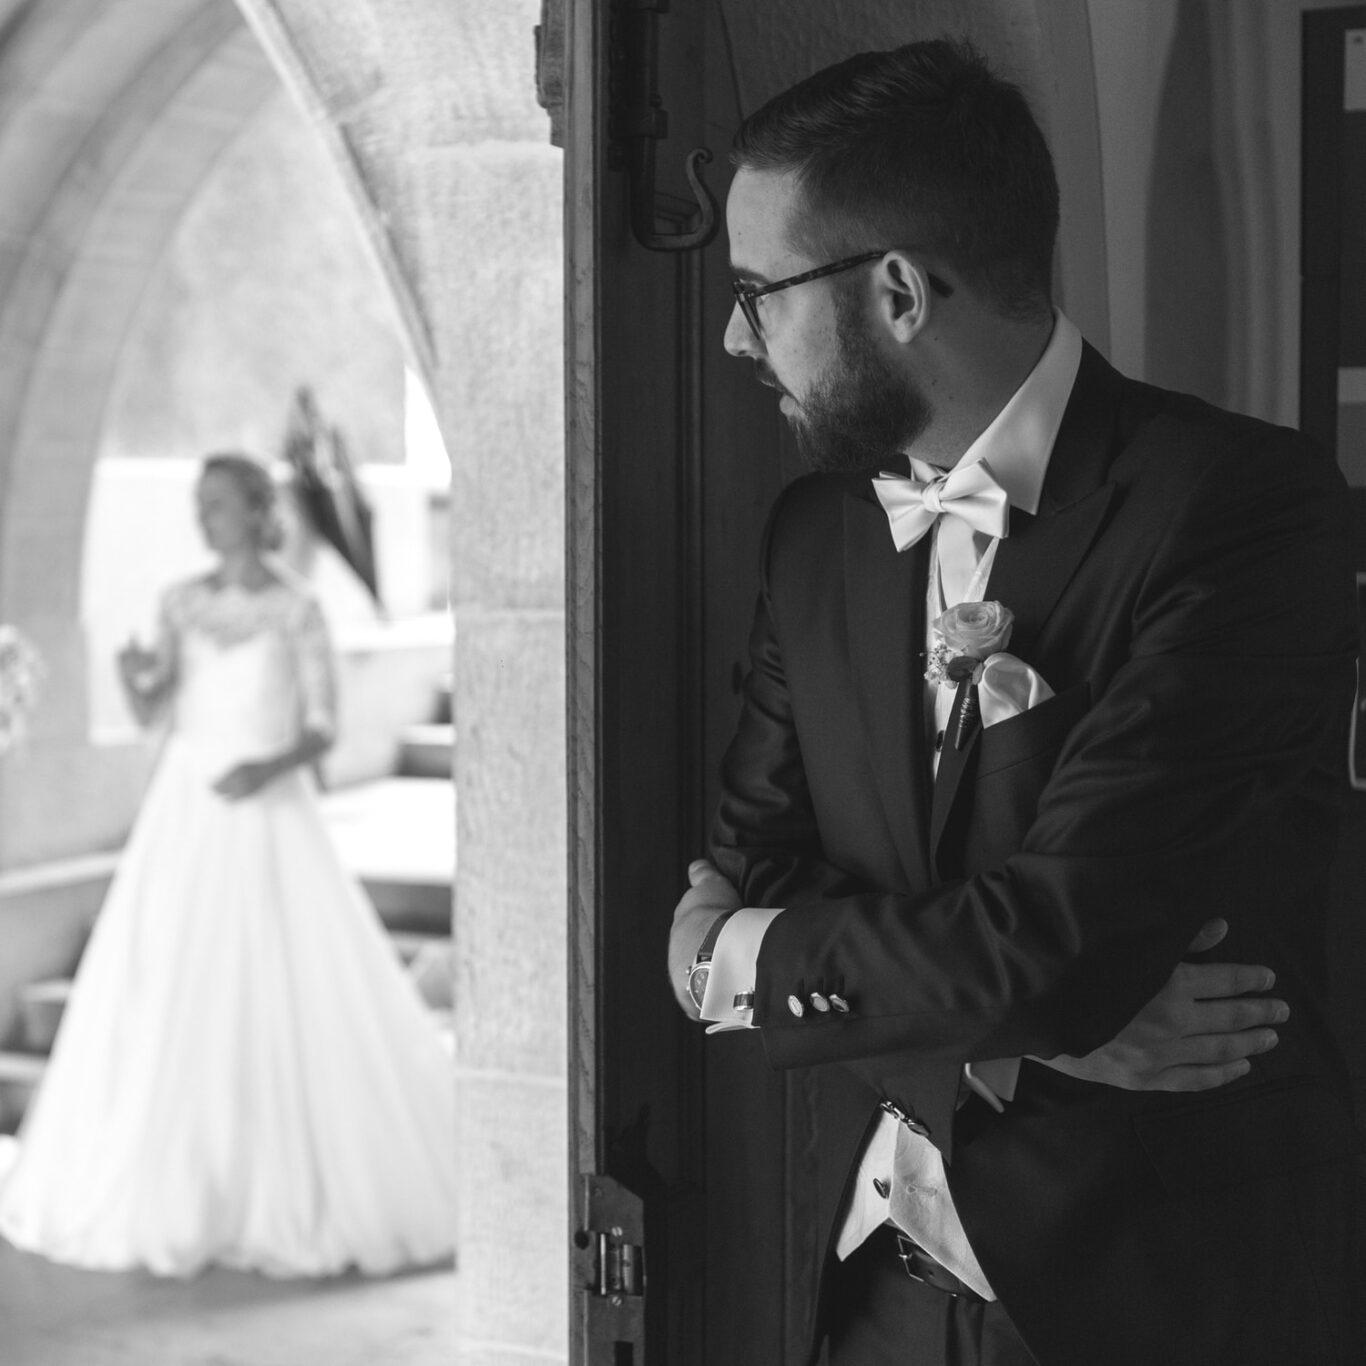 Σχόλια καλεσμένων σε γάμα